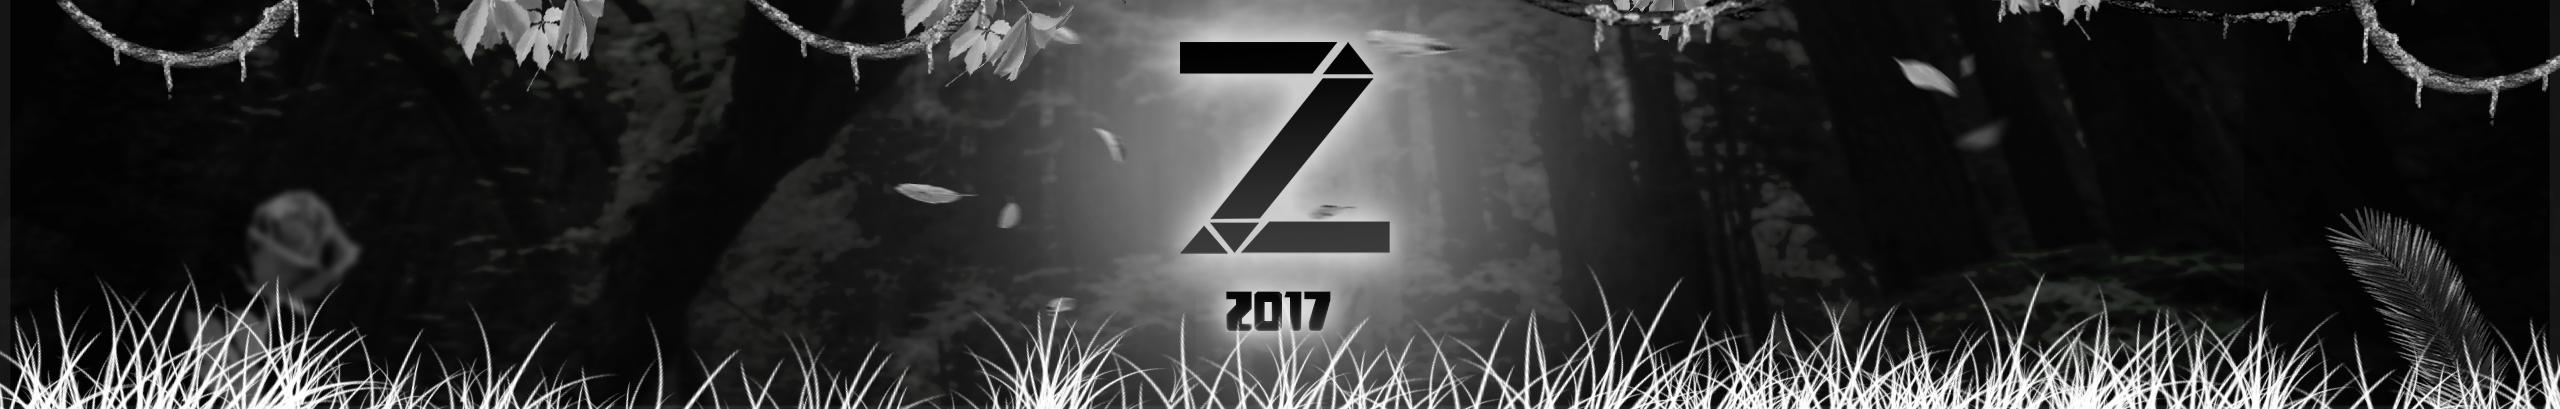 卓越zhuoyve banner